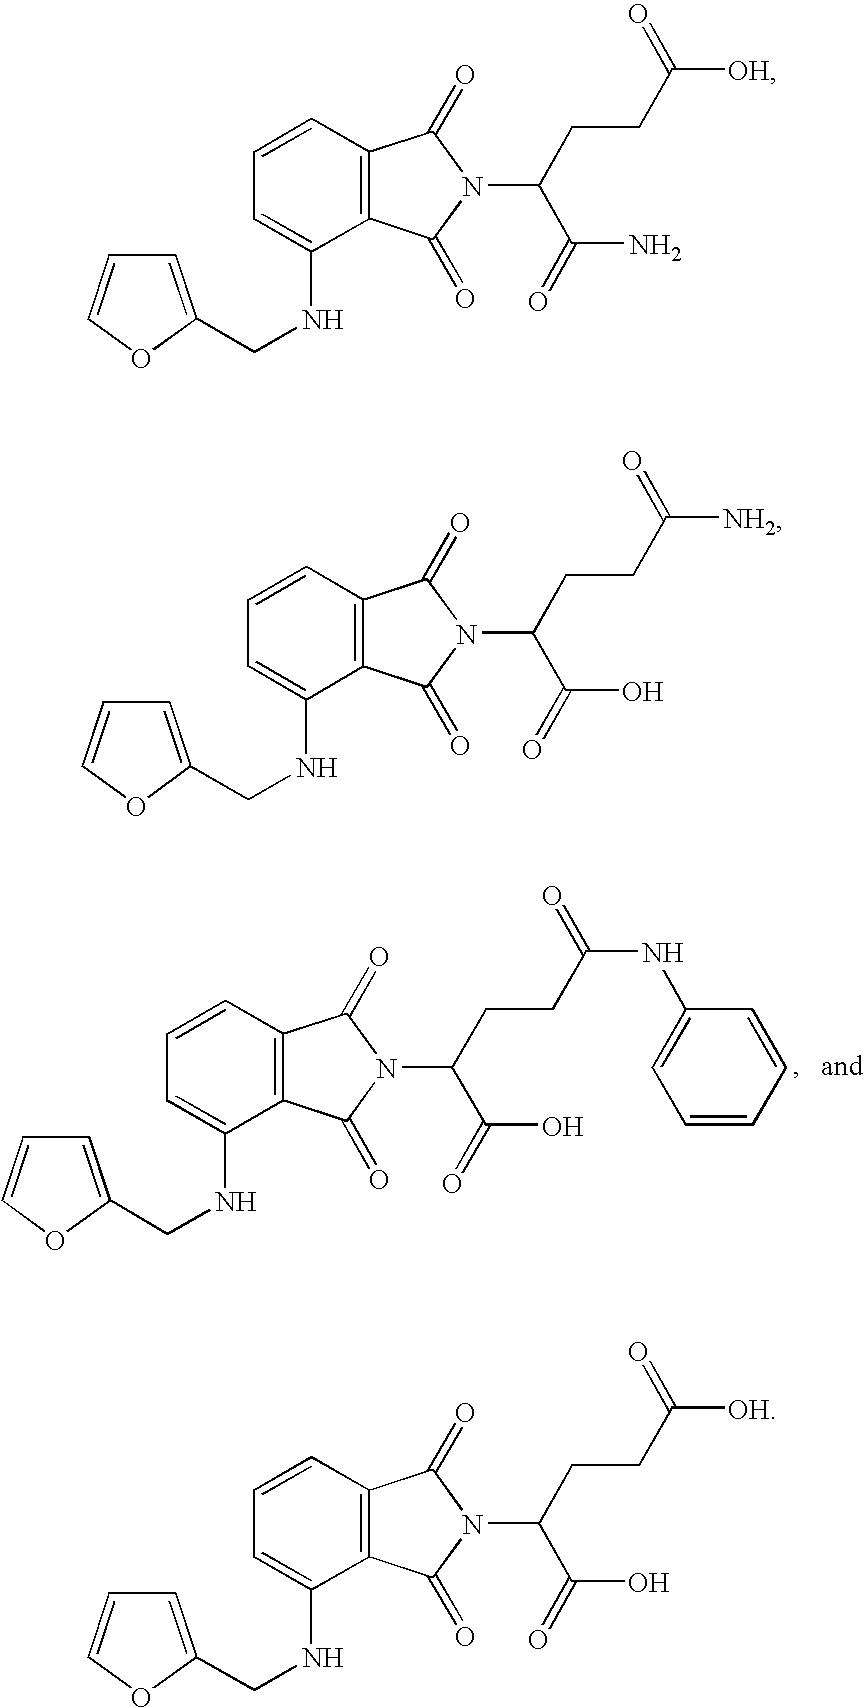 Figure US09598669-20170321-C00074